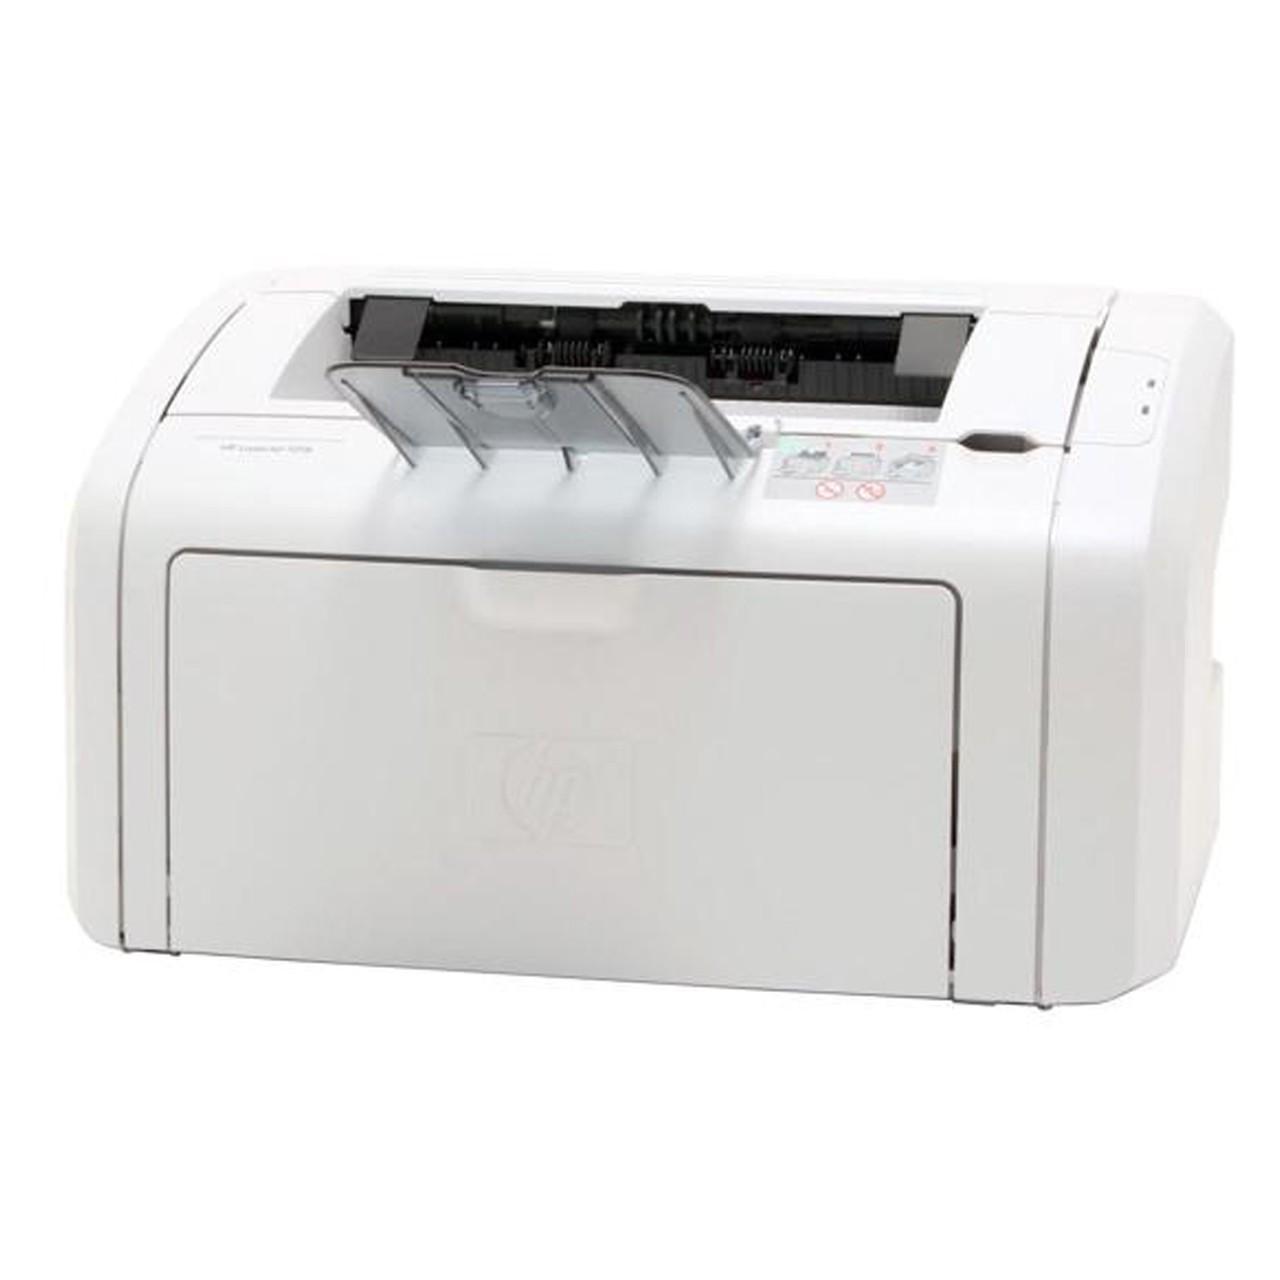 HP LaserJet 1018 / 1020 / 1022